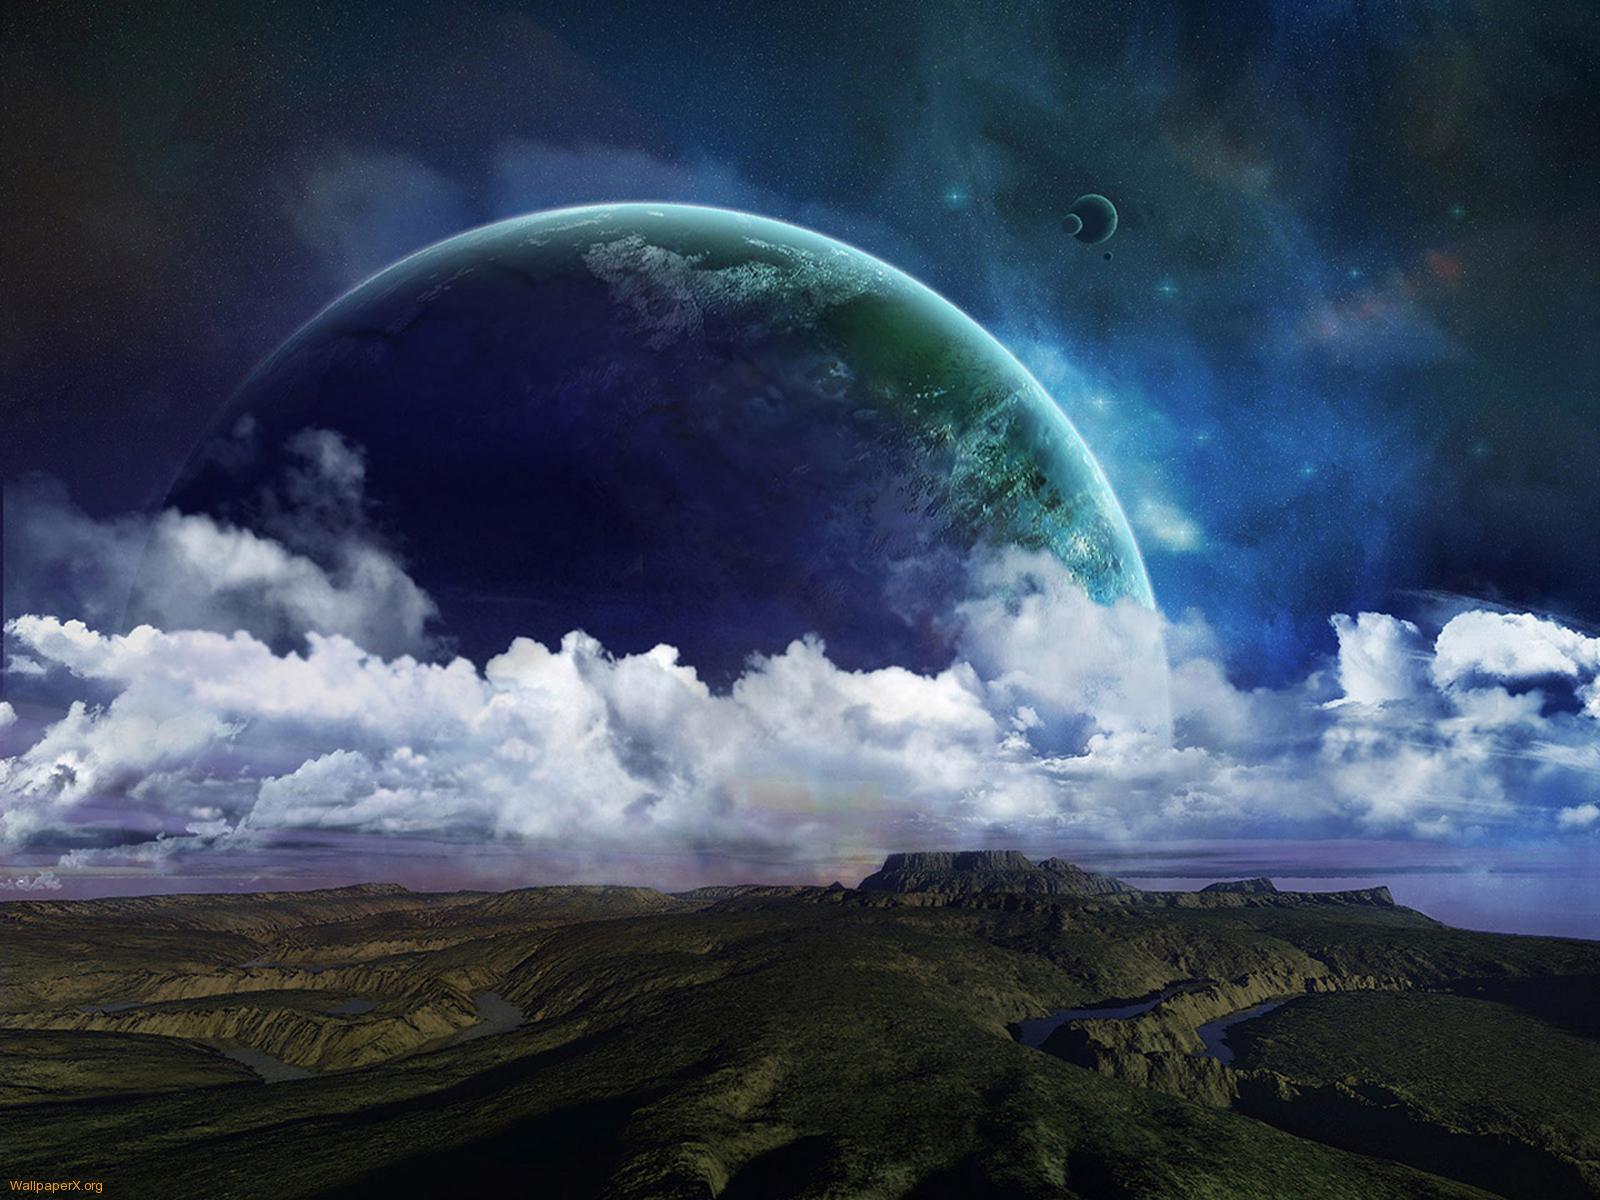 http://1.bp.blogspot.com/-1TWGBUr9lGU/Tn2lFk2utsI/AAAAAAAAAFc/9MYIhak8-cU/s1600/amazing_image+3.jpg